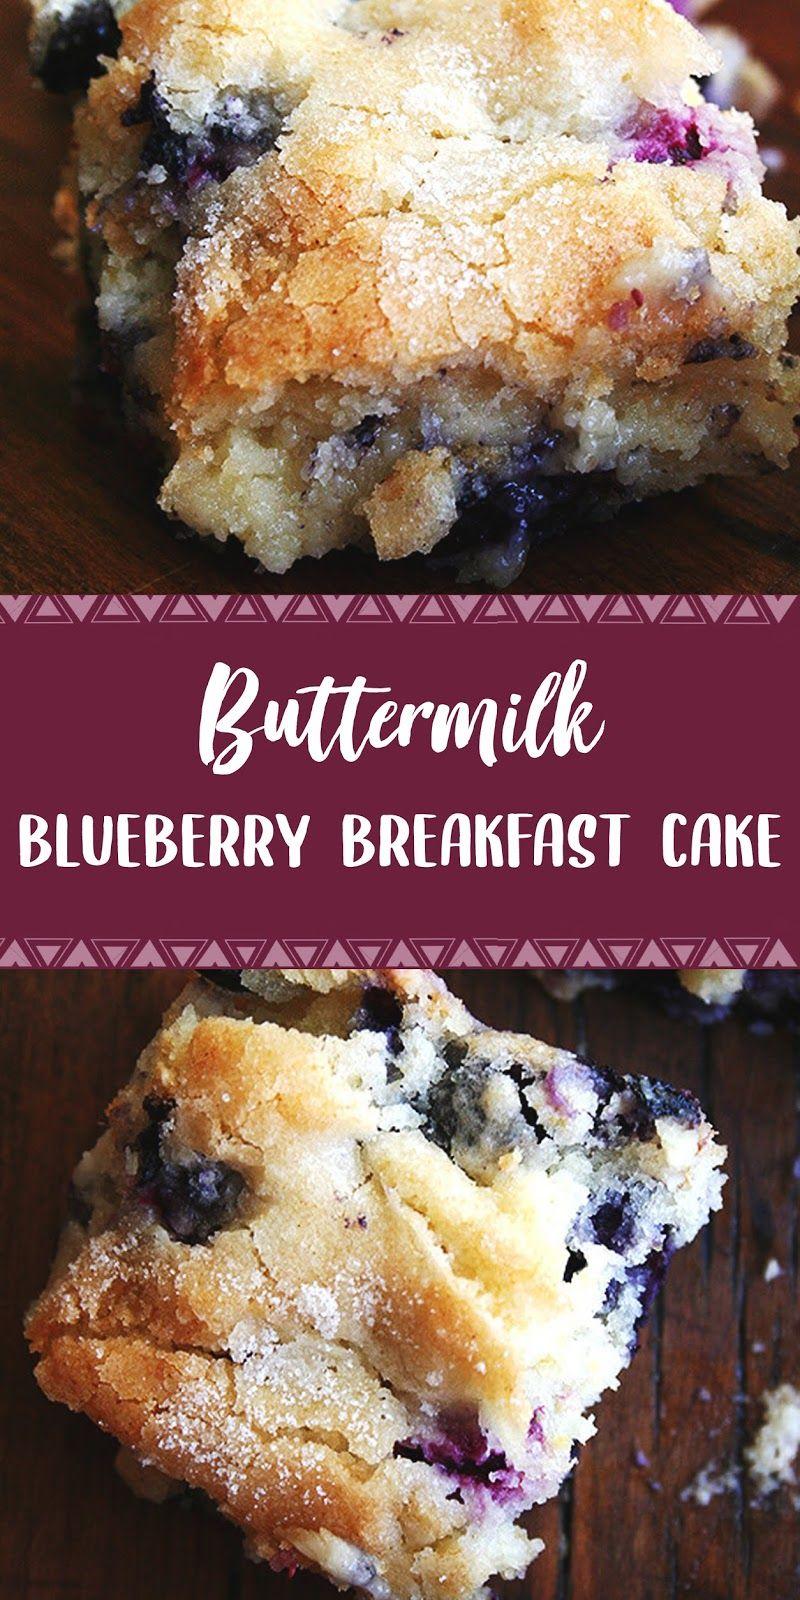 Buttermilk Blueberry Breakfast Cake | DAPUR SIMBAH #buttermilkblueberrybreakfastcake